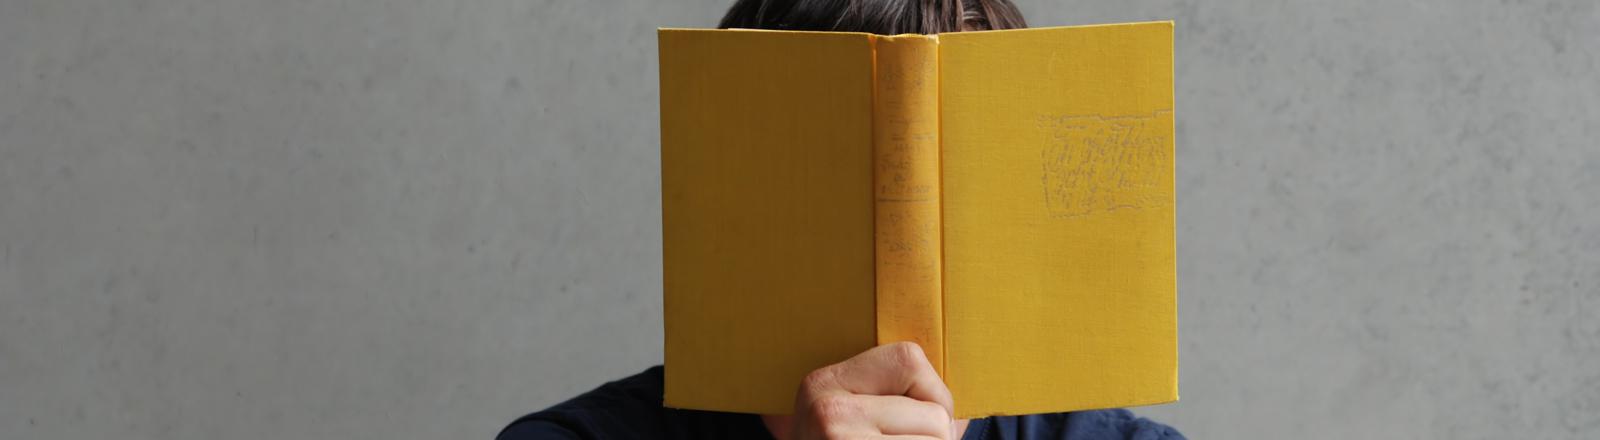 Ein Mann hält ein Buch vor sein Gesicht und liest darin.